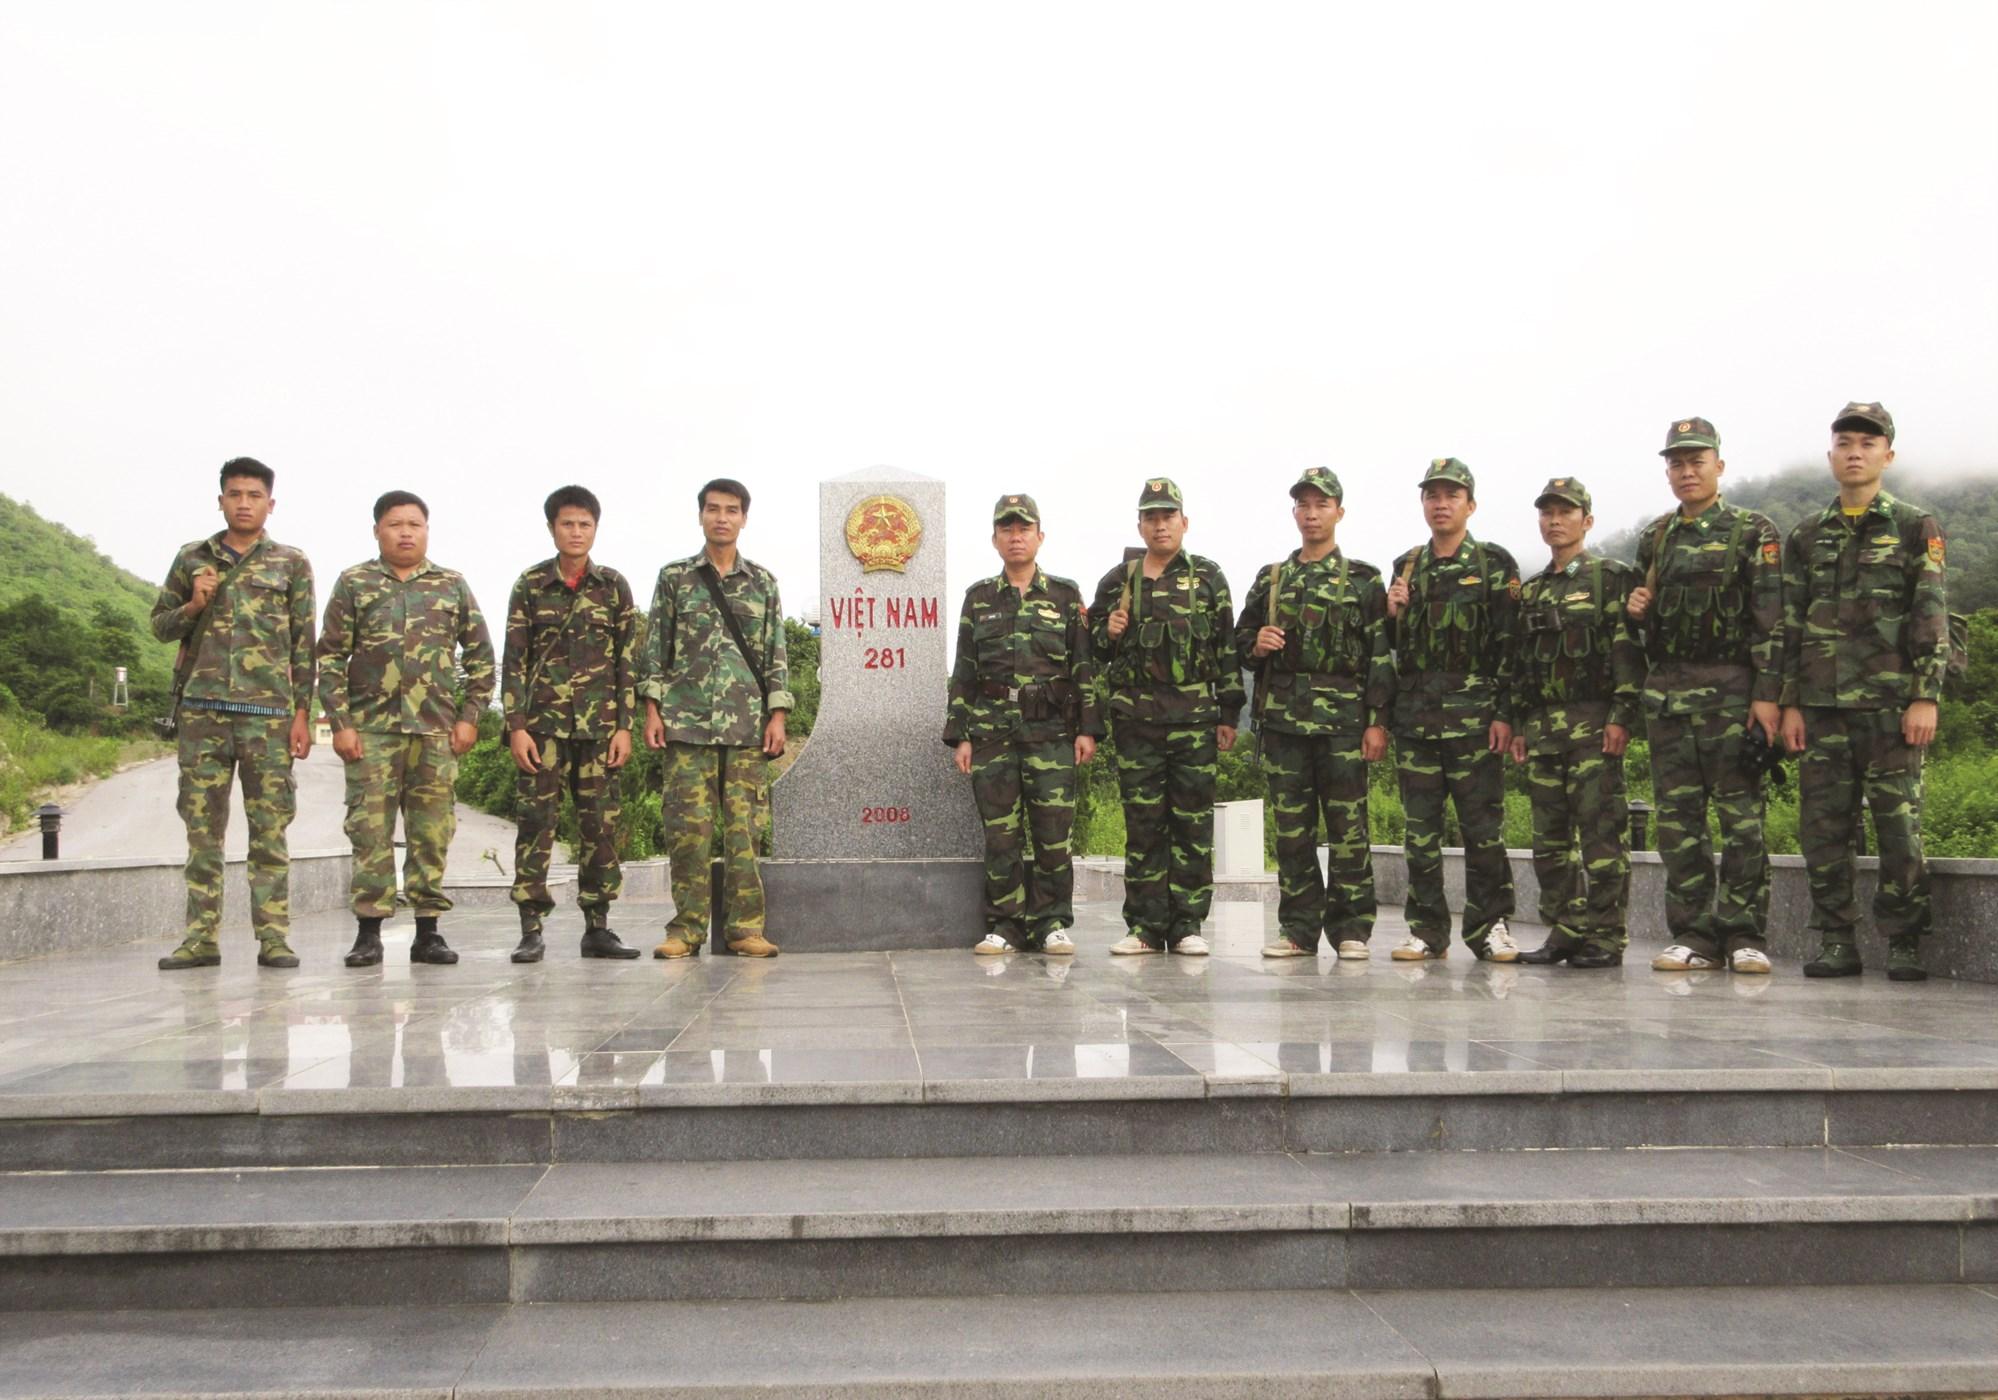 Lực lượng BĐBP Thanh Hóa và BĐBP nước bạn Lào tại cột mốc biên giới Việt Lào thuộc địa bàn huyện Mường Lát.